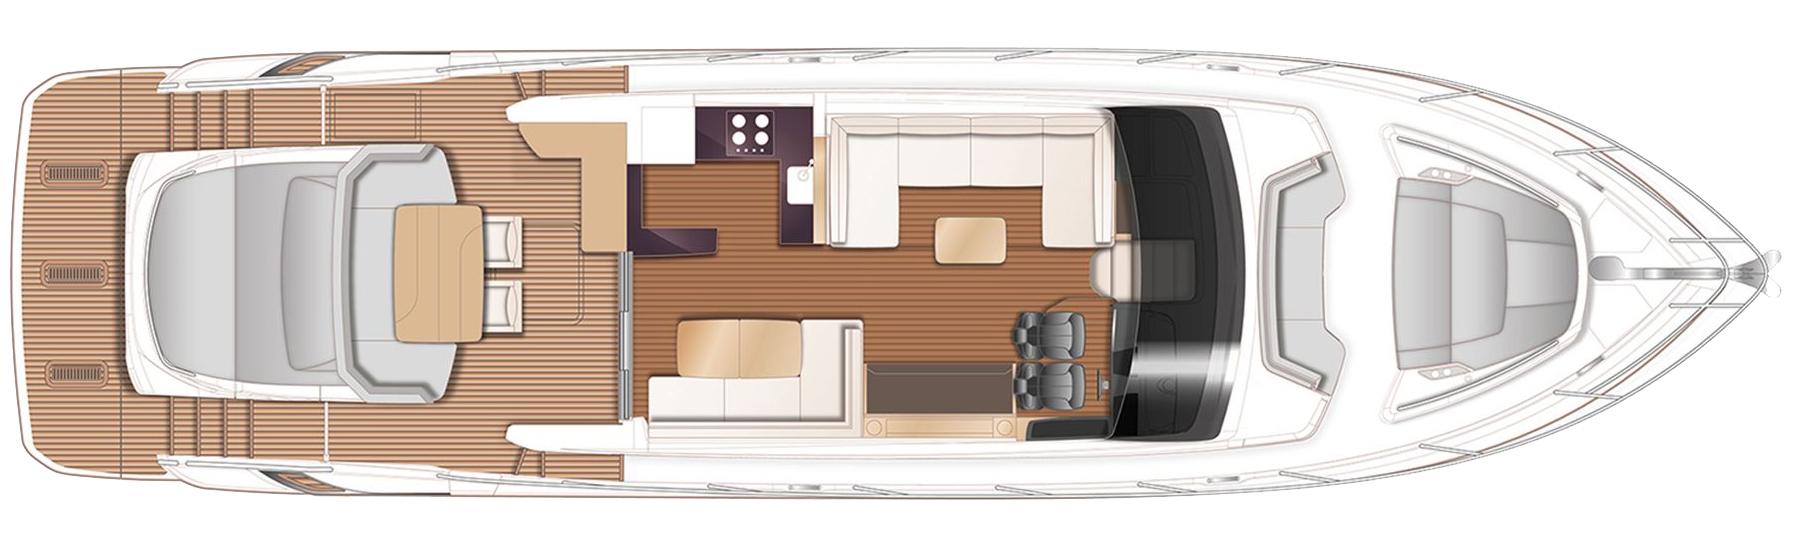 V60 Floor Plan 2